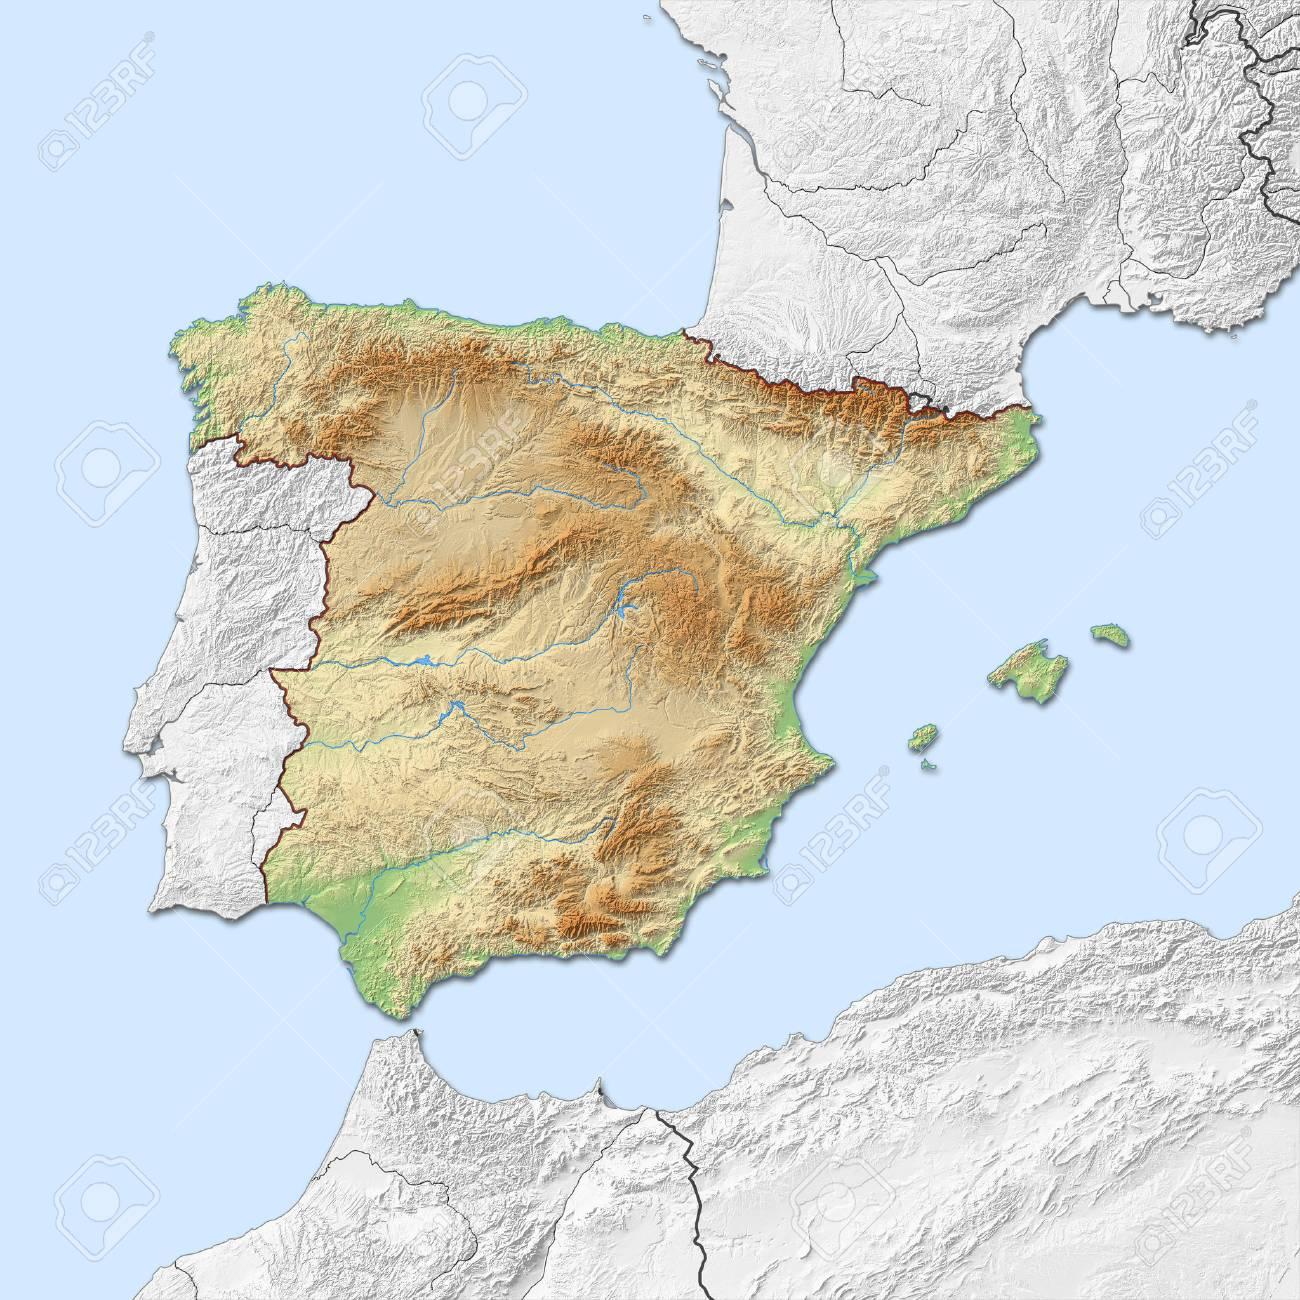 Carte Espagne Noir Et Blanc.Carte Du Relief De L Espagne Avec Relief Ombre Les Pays Voisins Sont En Noir Et Blanc